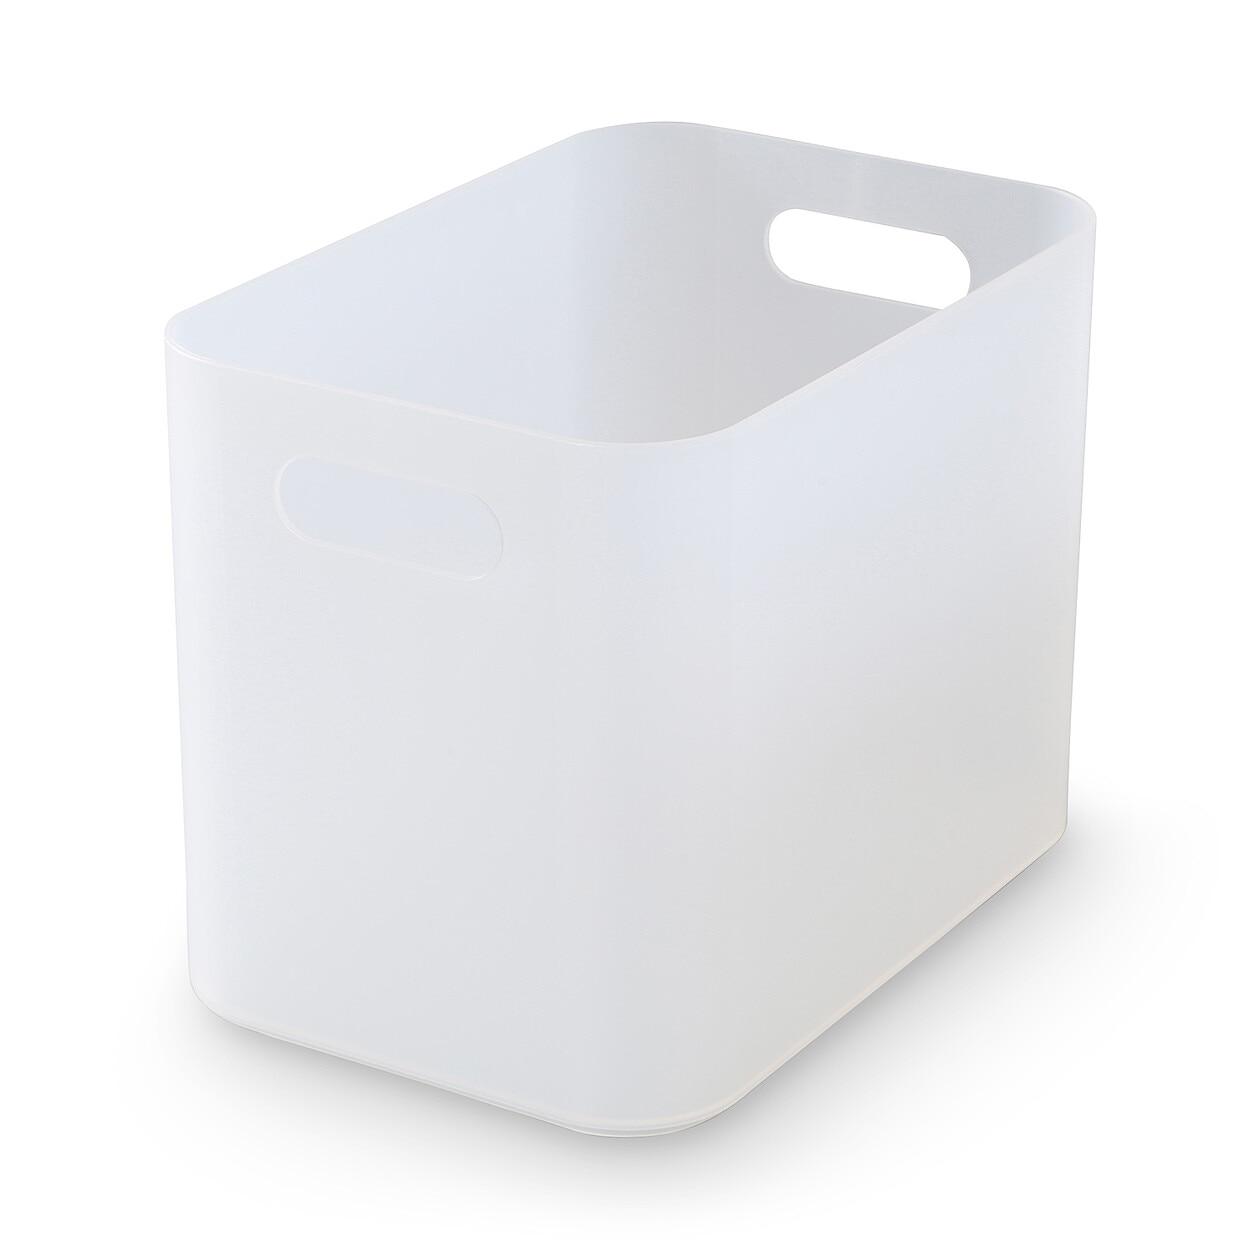 RoomClip商品情報 - ポリプロピレンメイクボックス